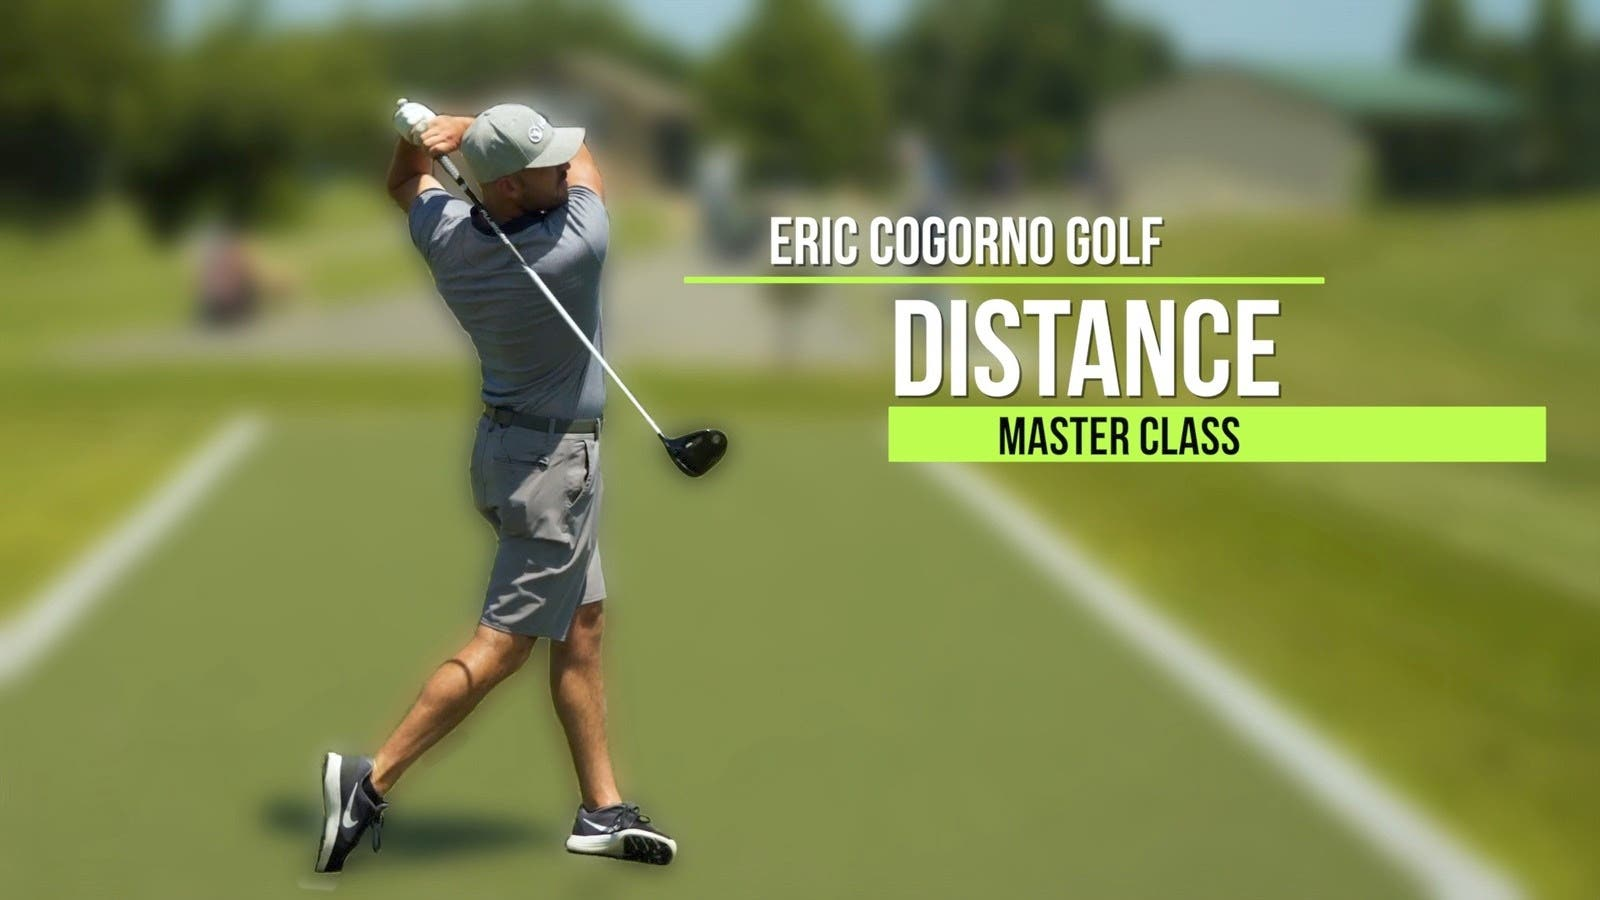 Distance Master Class